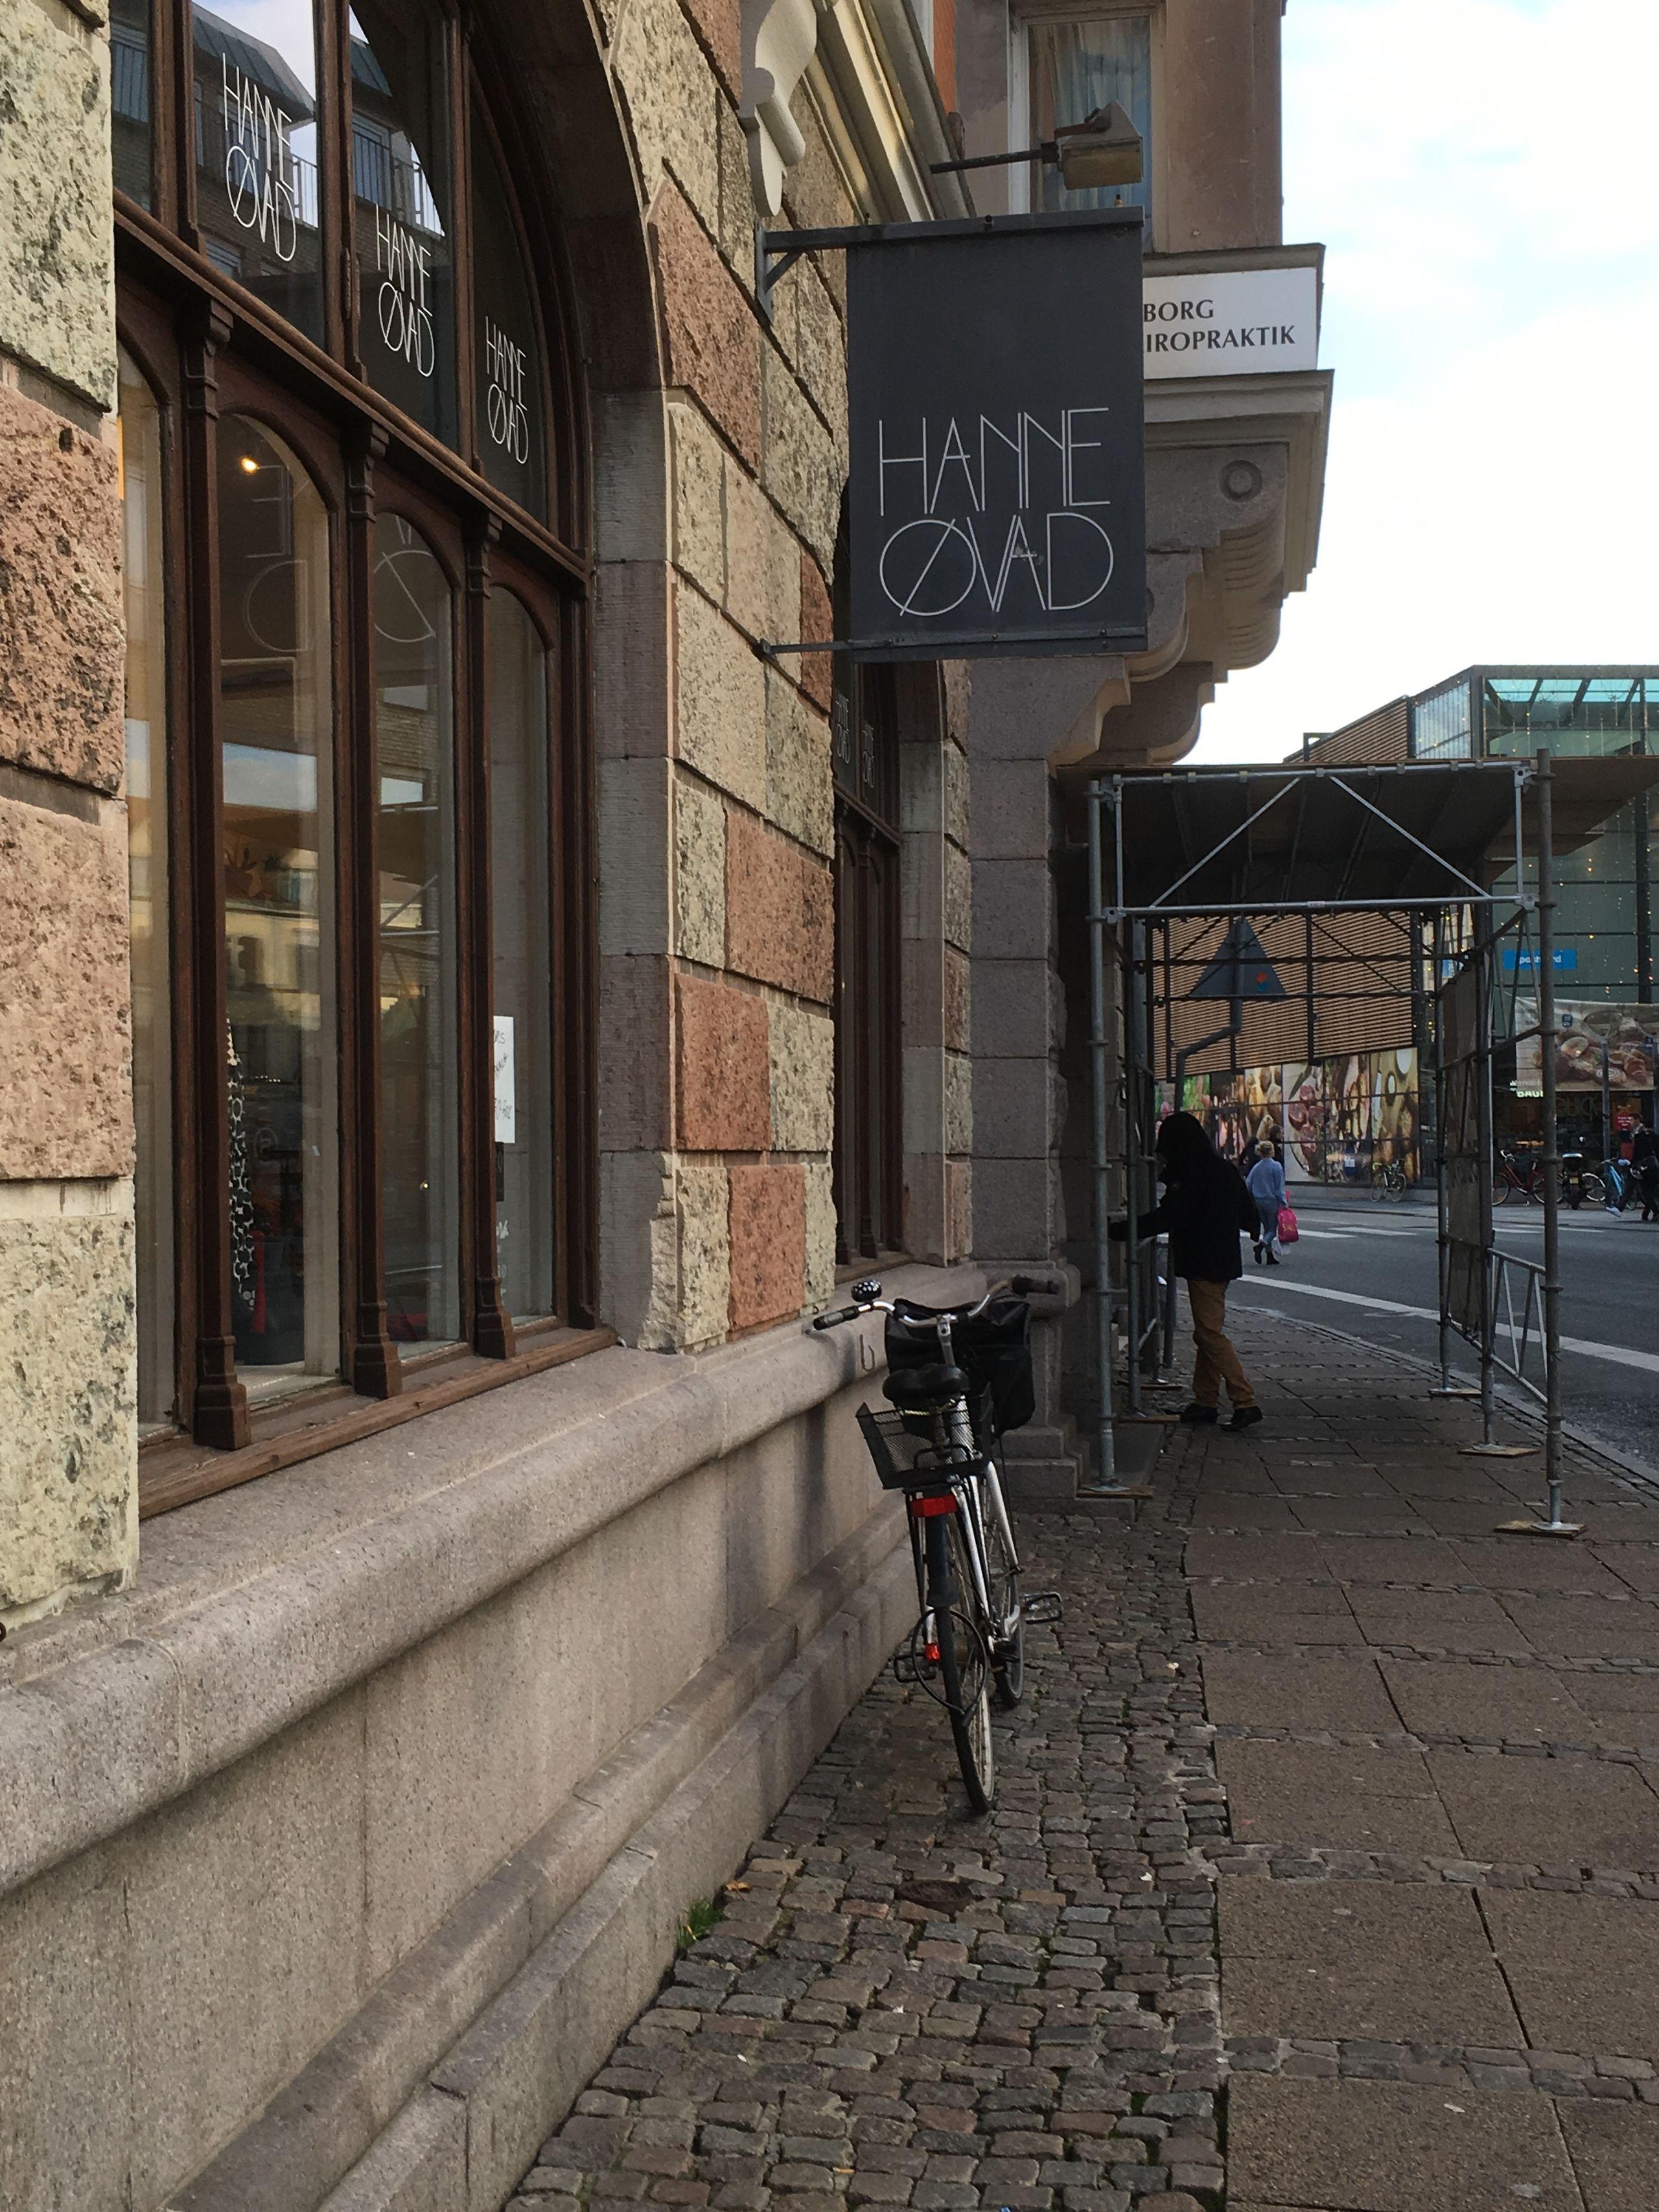 På Instragram beklager kunderne den markante butiks lukning. Privatfoto